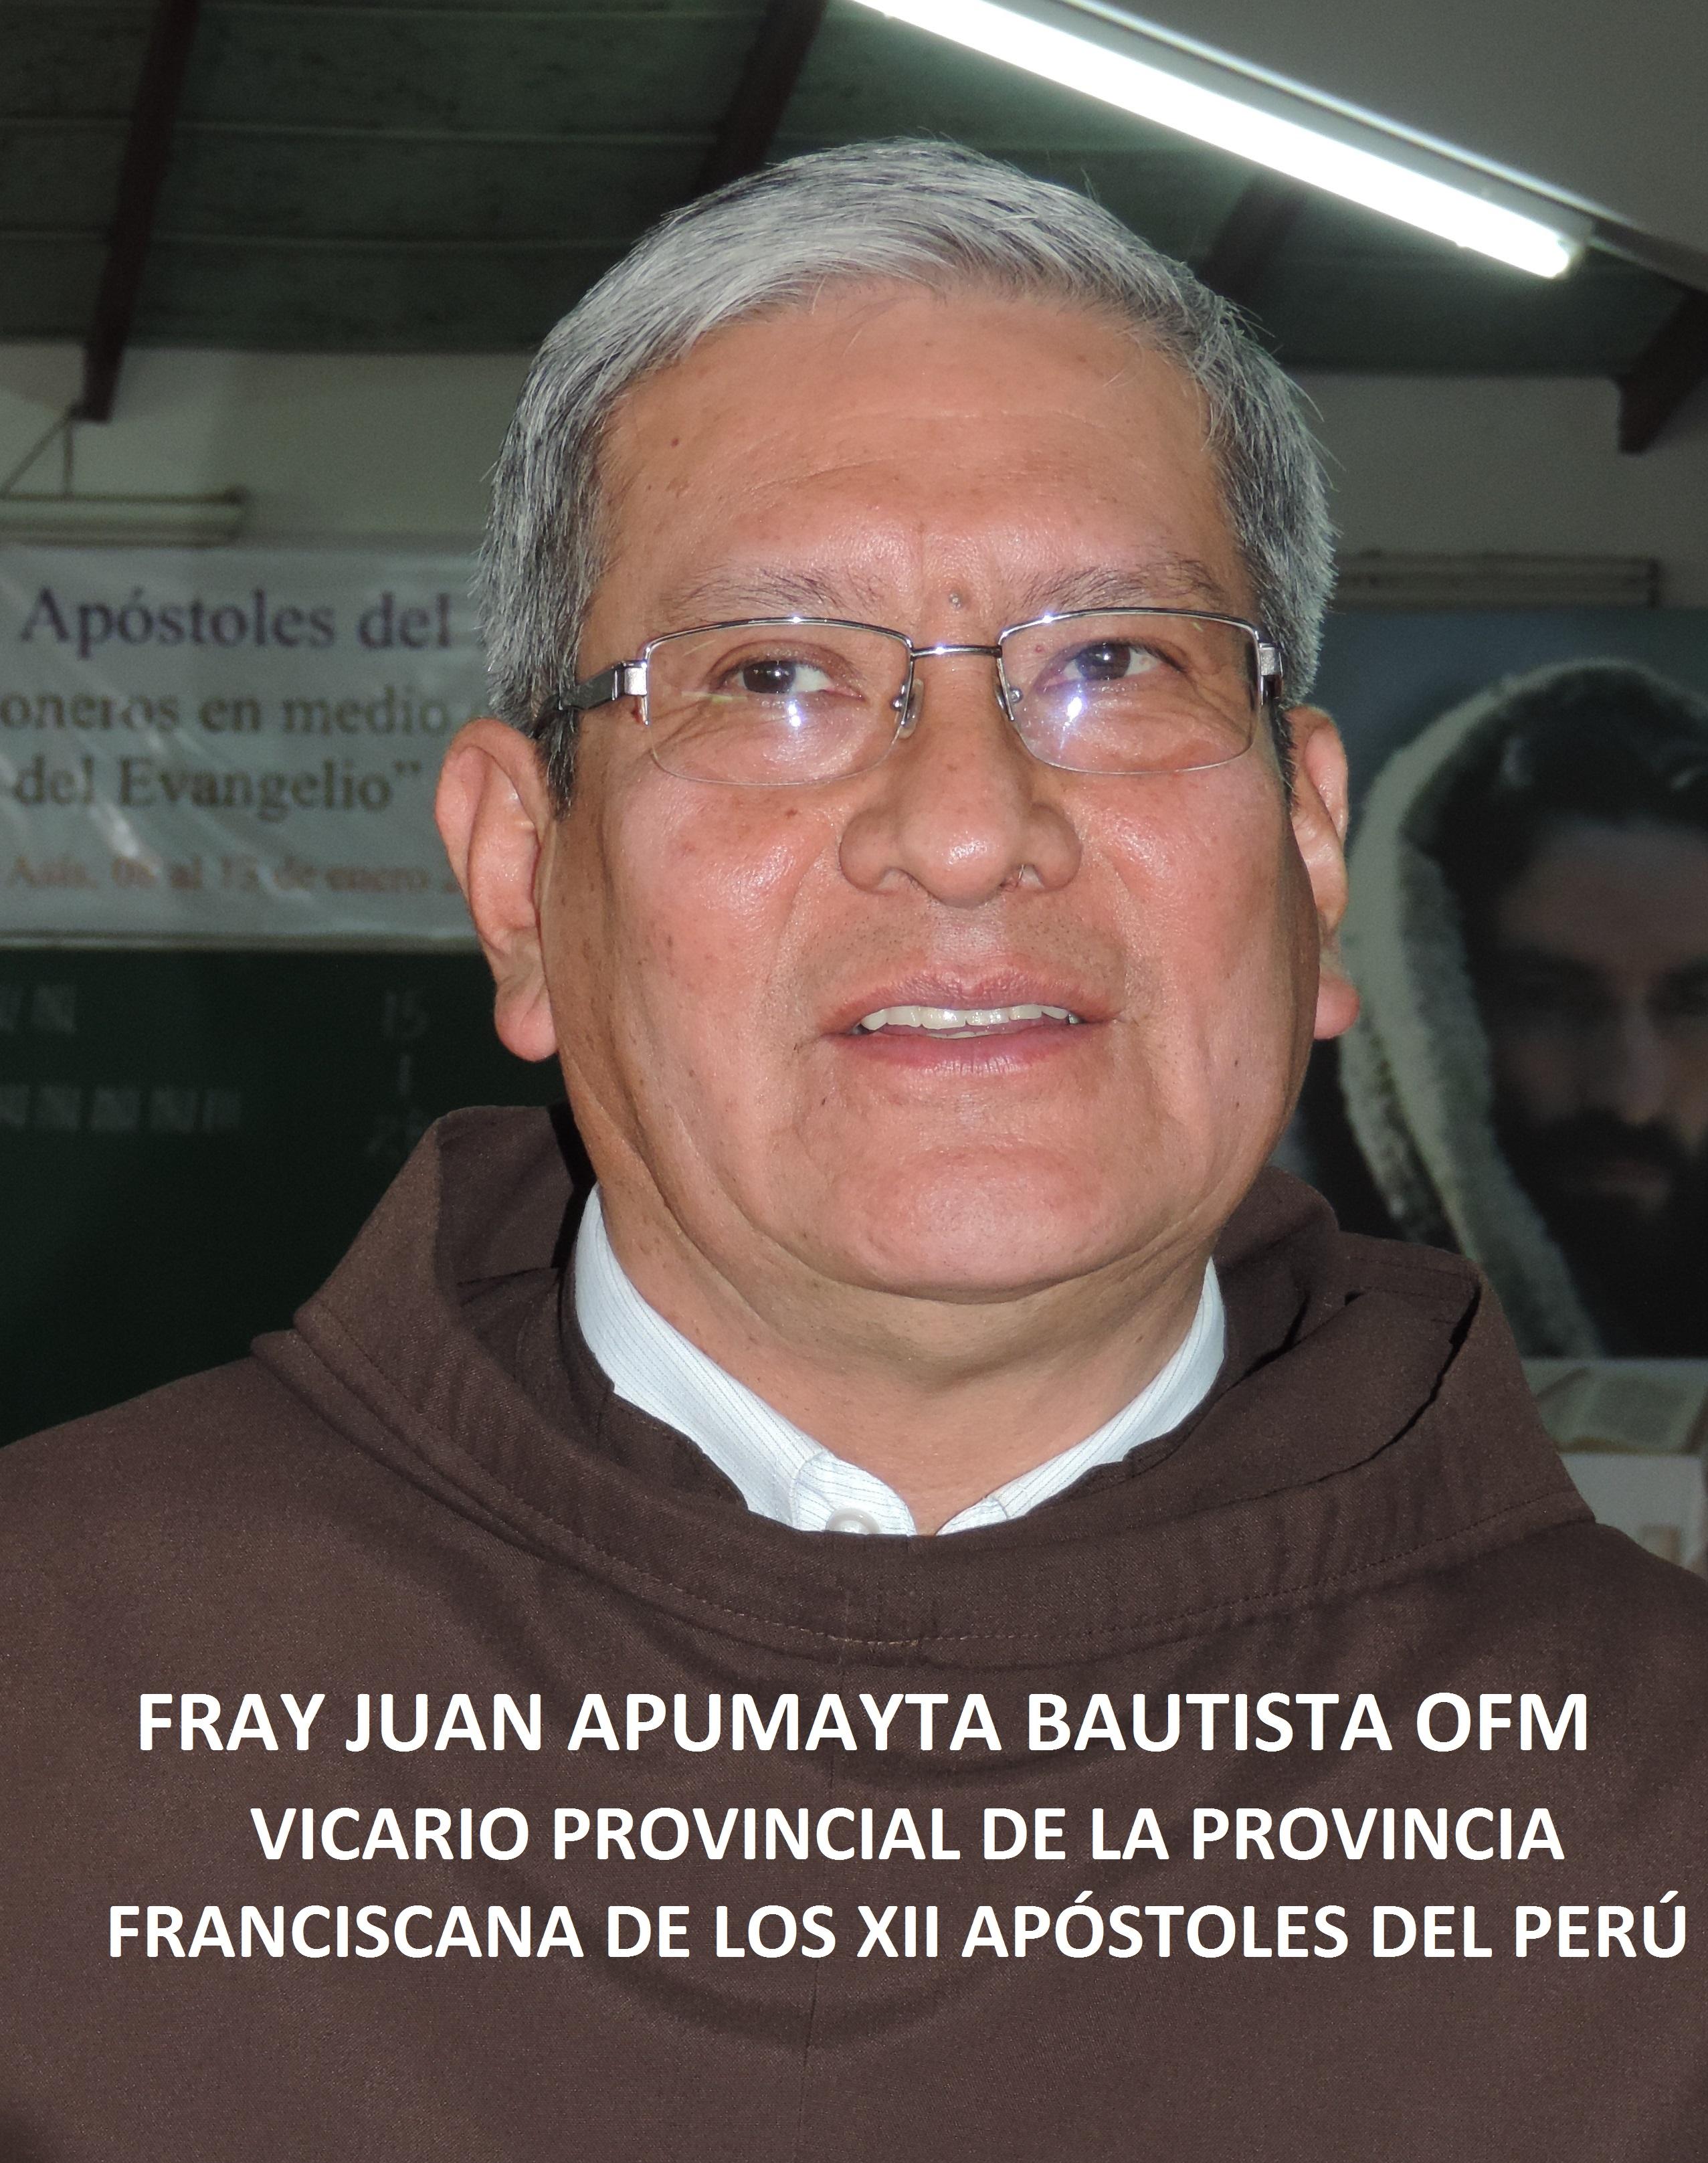 VICARIO DE LA PROVINCIA